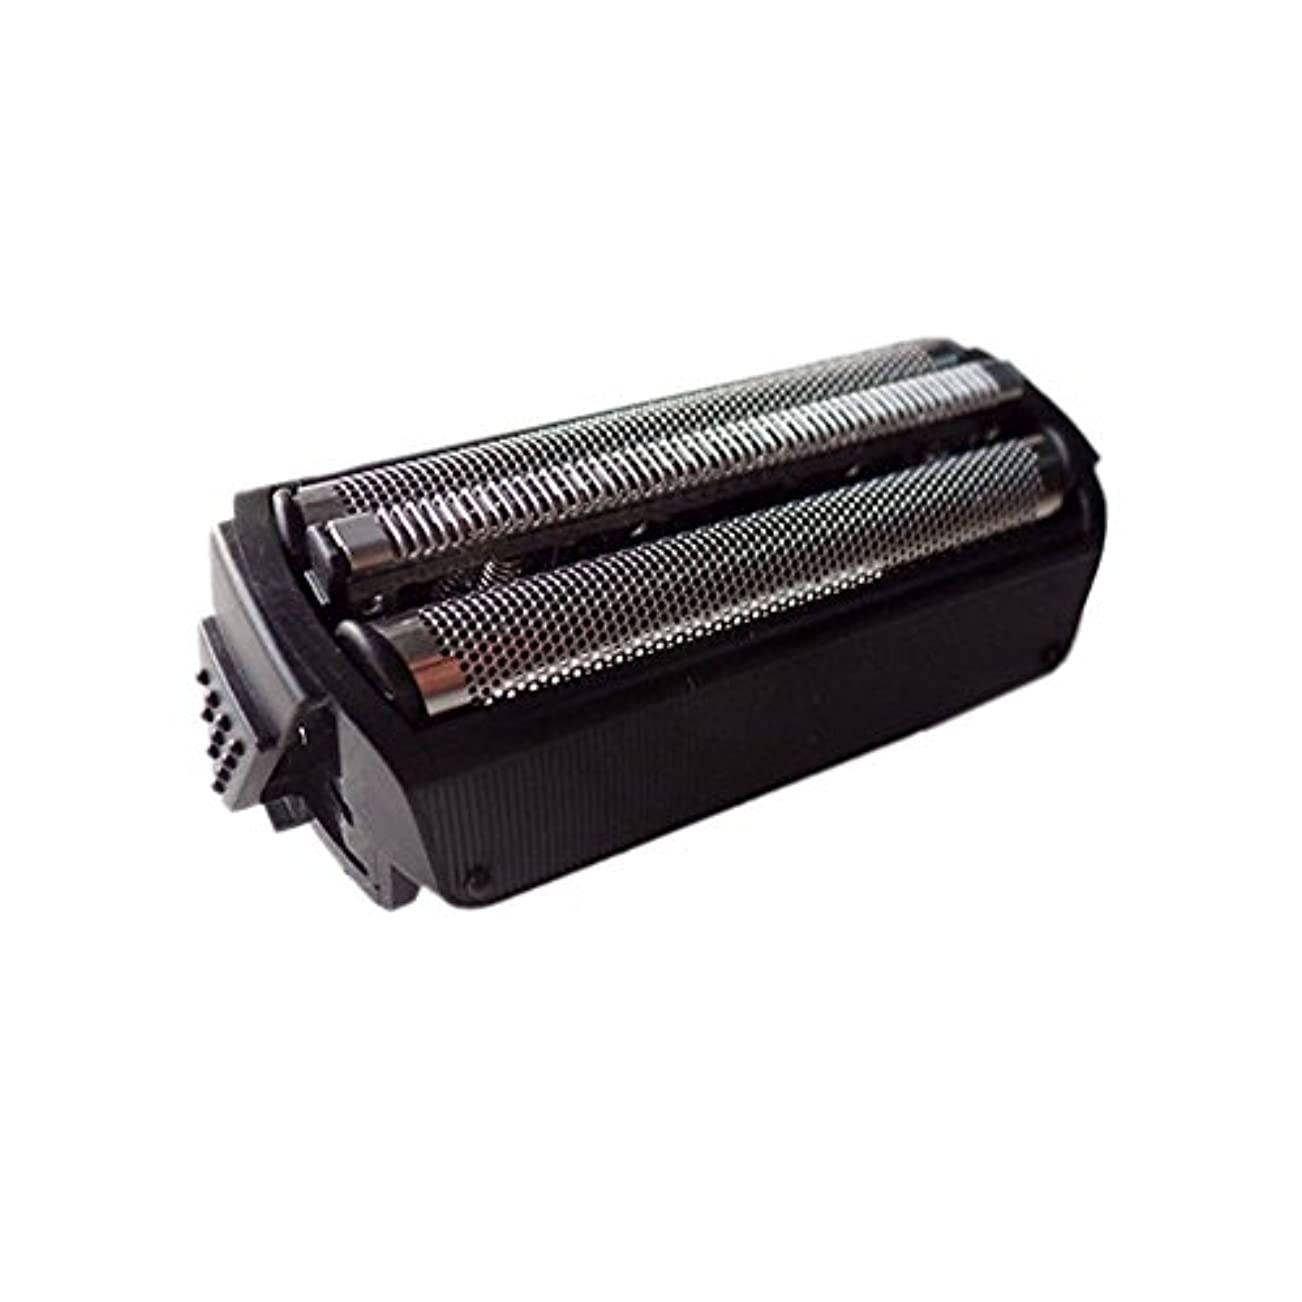 増幅引き潮まさにDeylaying シェーバー替刃 往復式シェーバー パーツ 外刃 耐用 高質量 for Panasonic ES9077/7013/8026/8016/7003/882/883